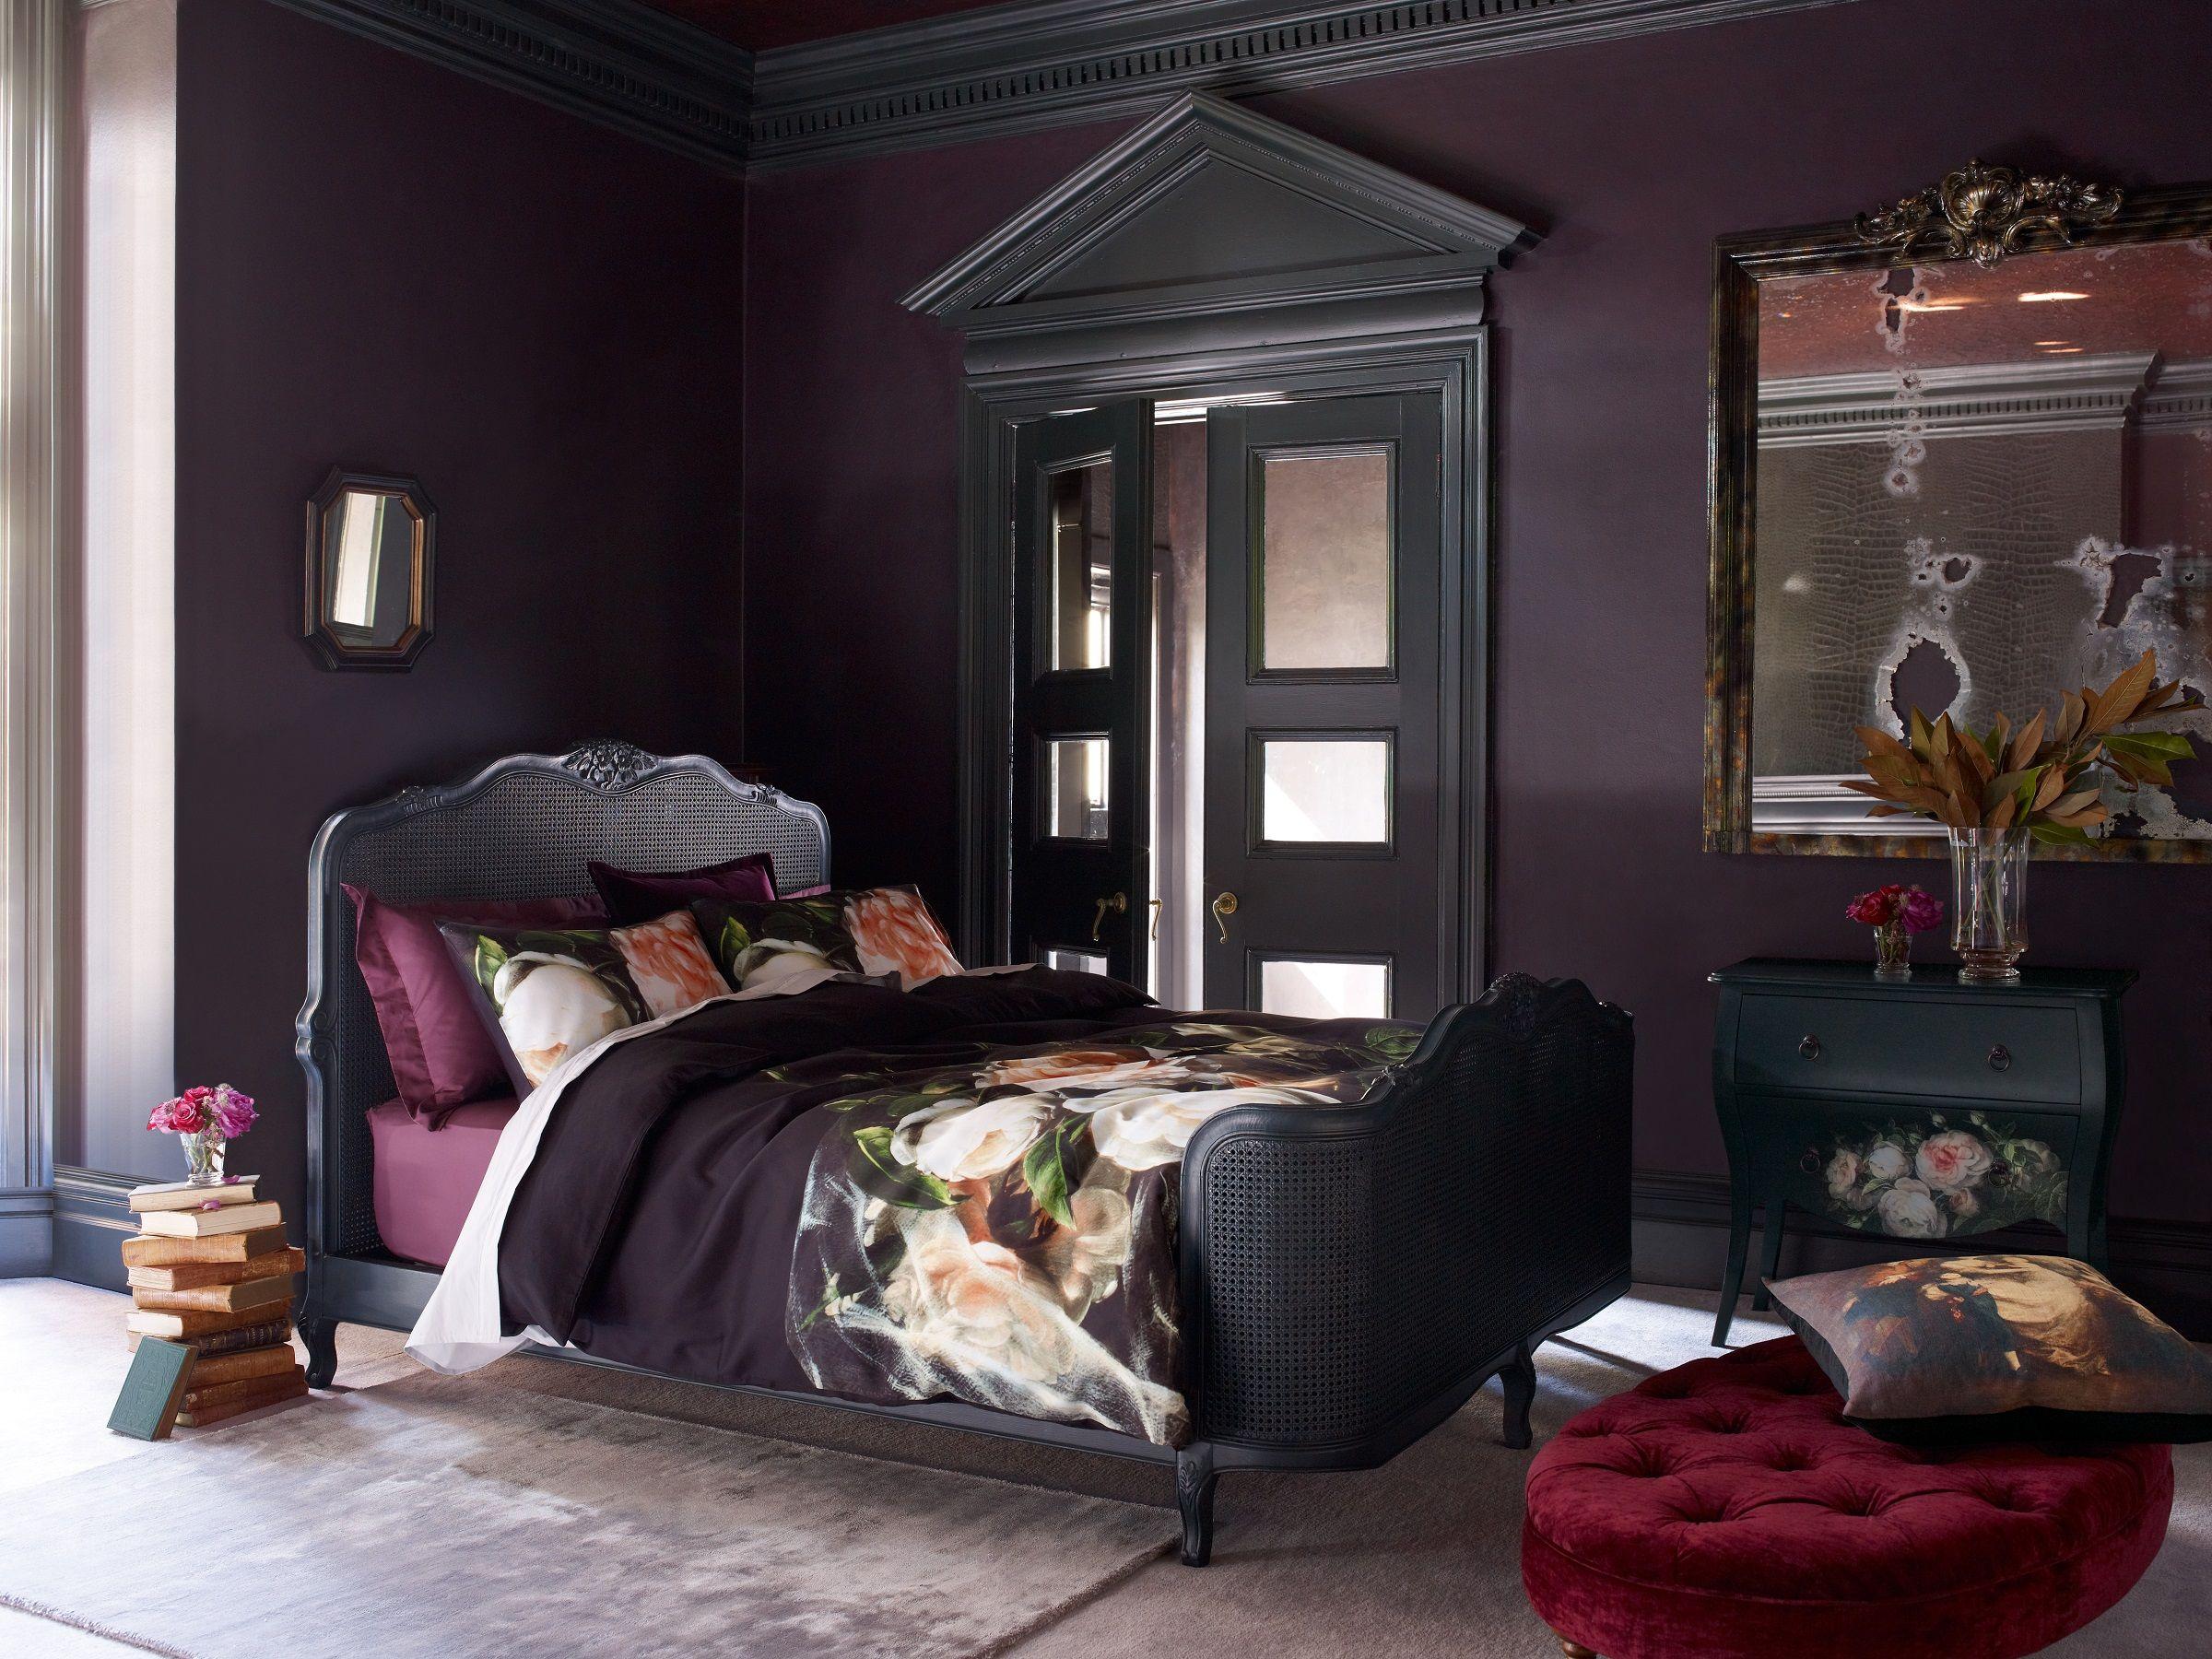 Gothic Interior Design Ideas